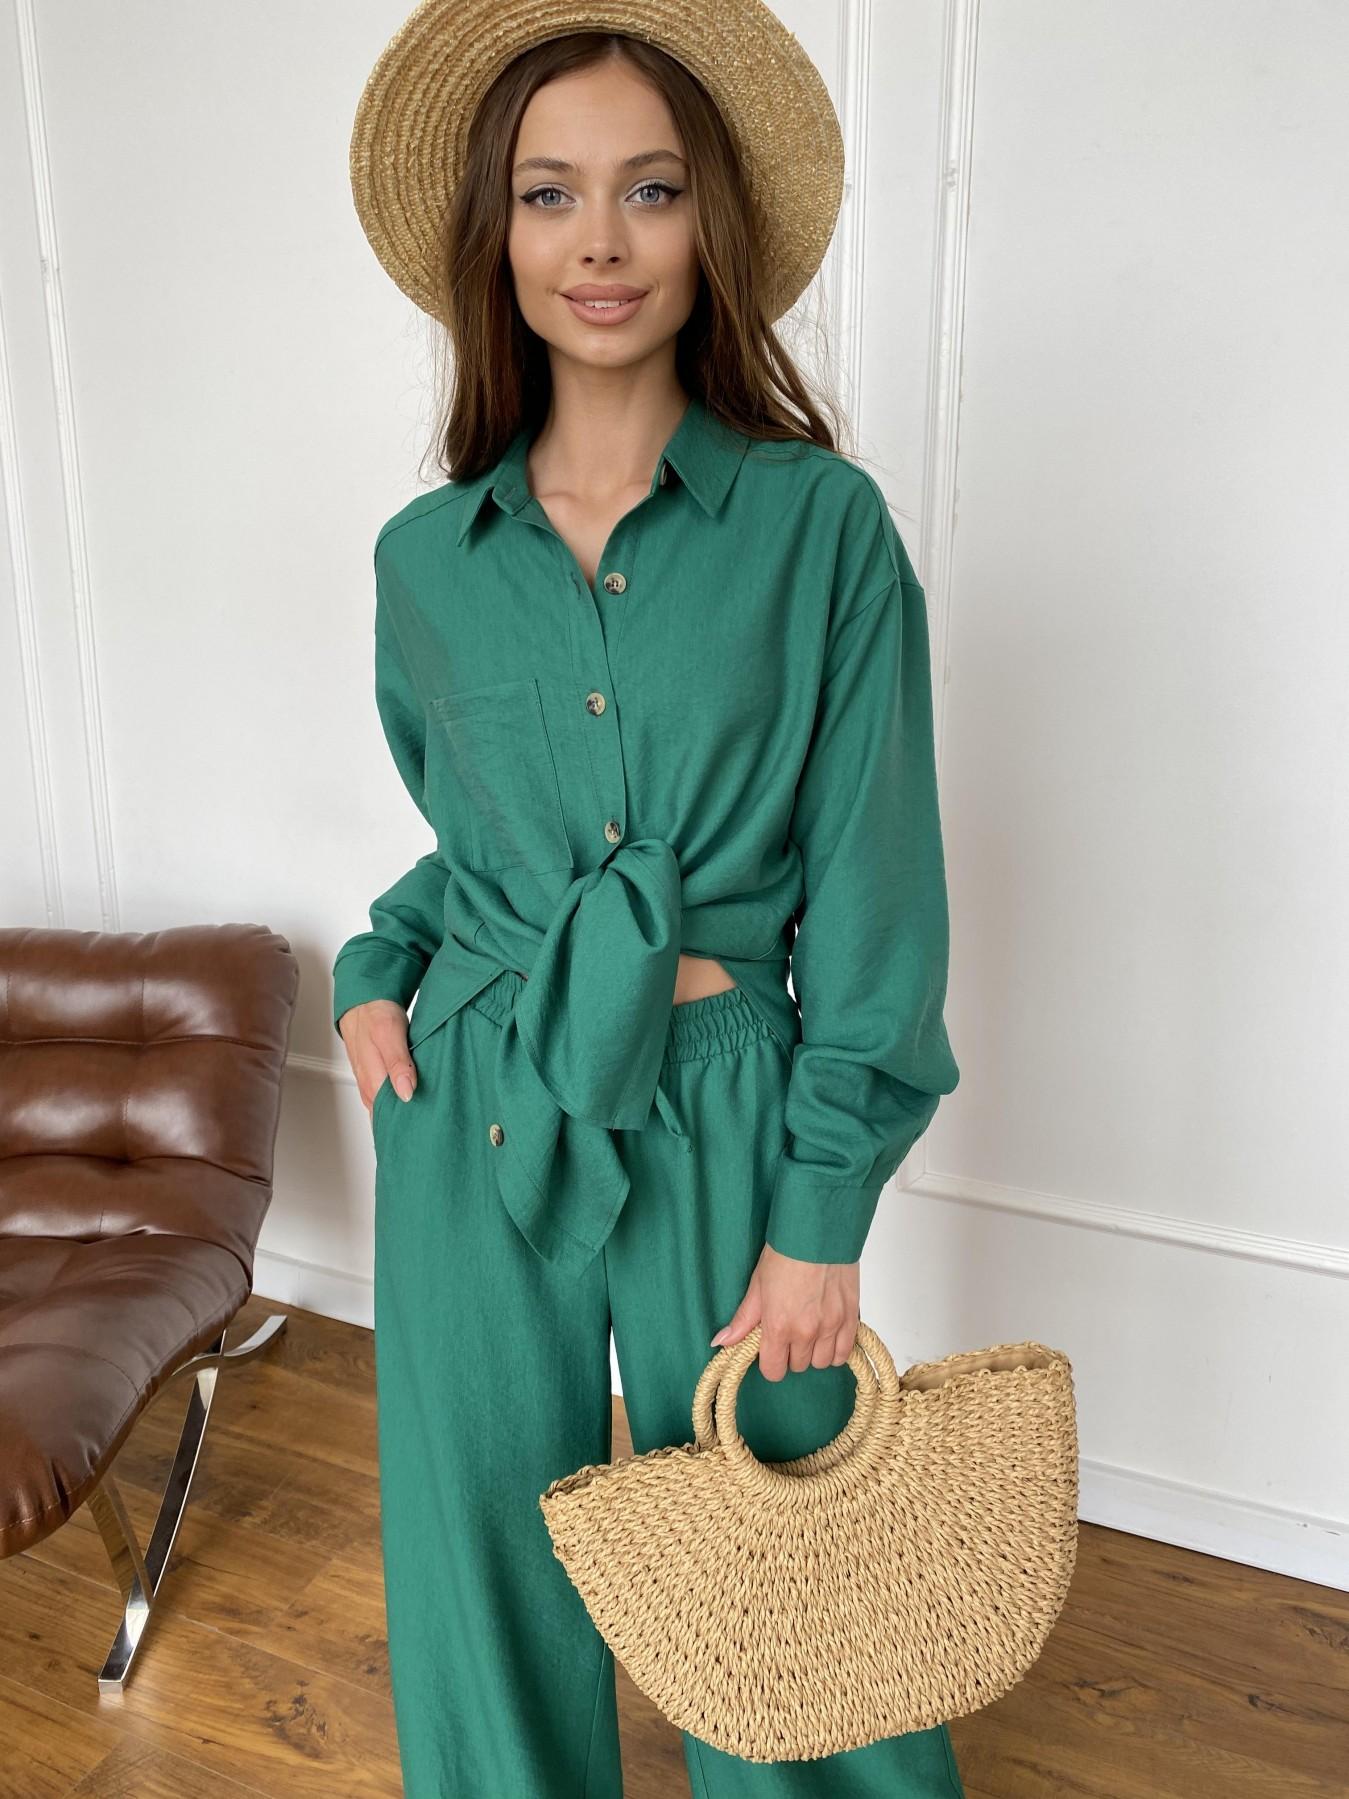 Дуэтто костюм из льна жатка не стрейч 11413 АРТ. 47961 Цвет: Зеленый - фото 9, интернет магазин tm-modus.ru